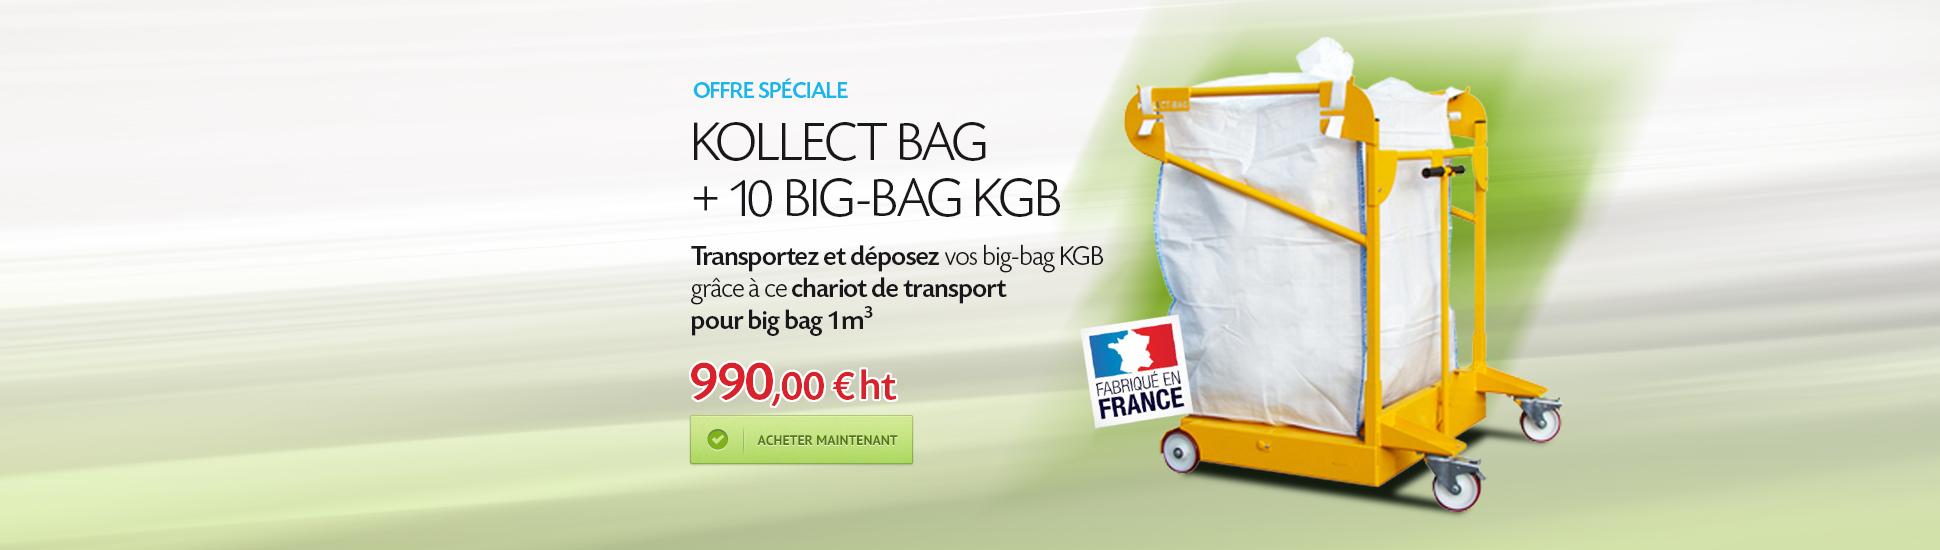 Kollect Bag + 10 Big-Bag KGB